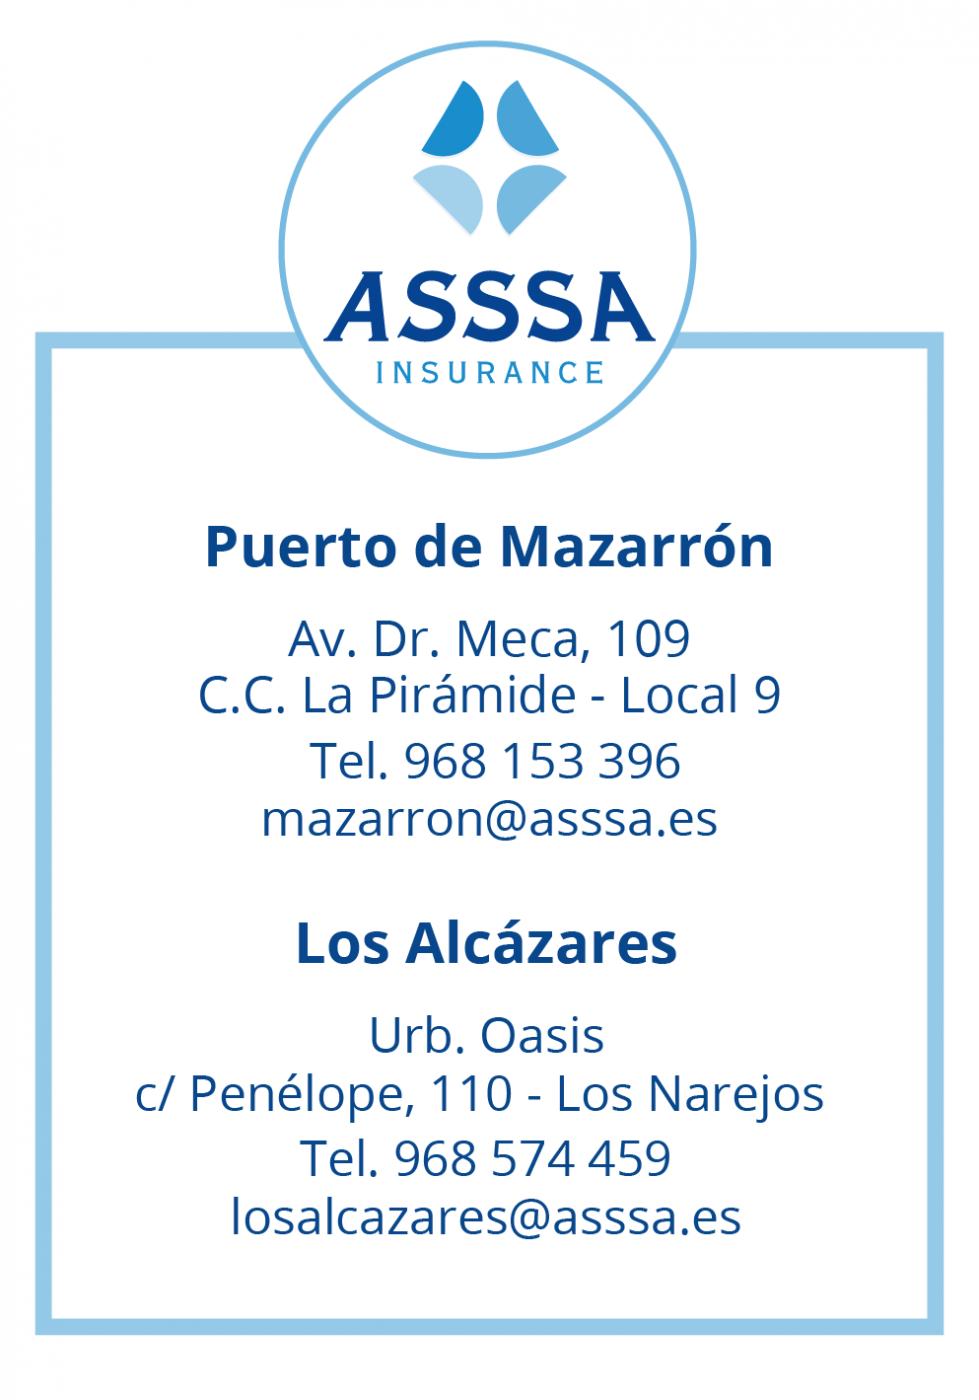 ASSSA Health Insurance